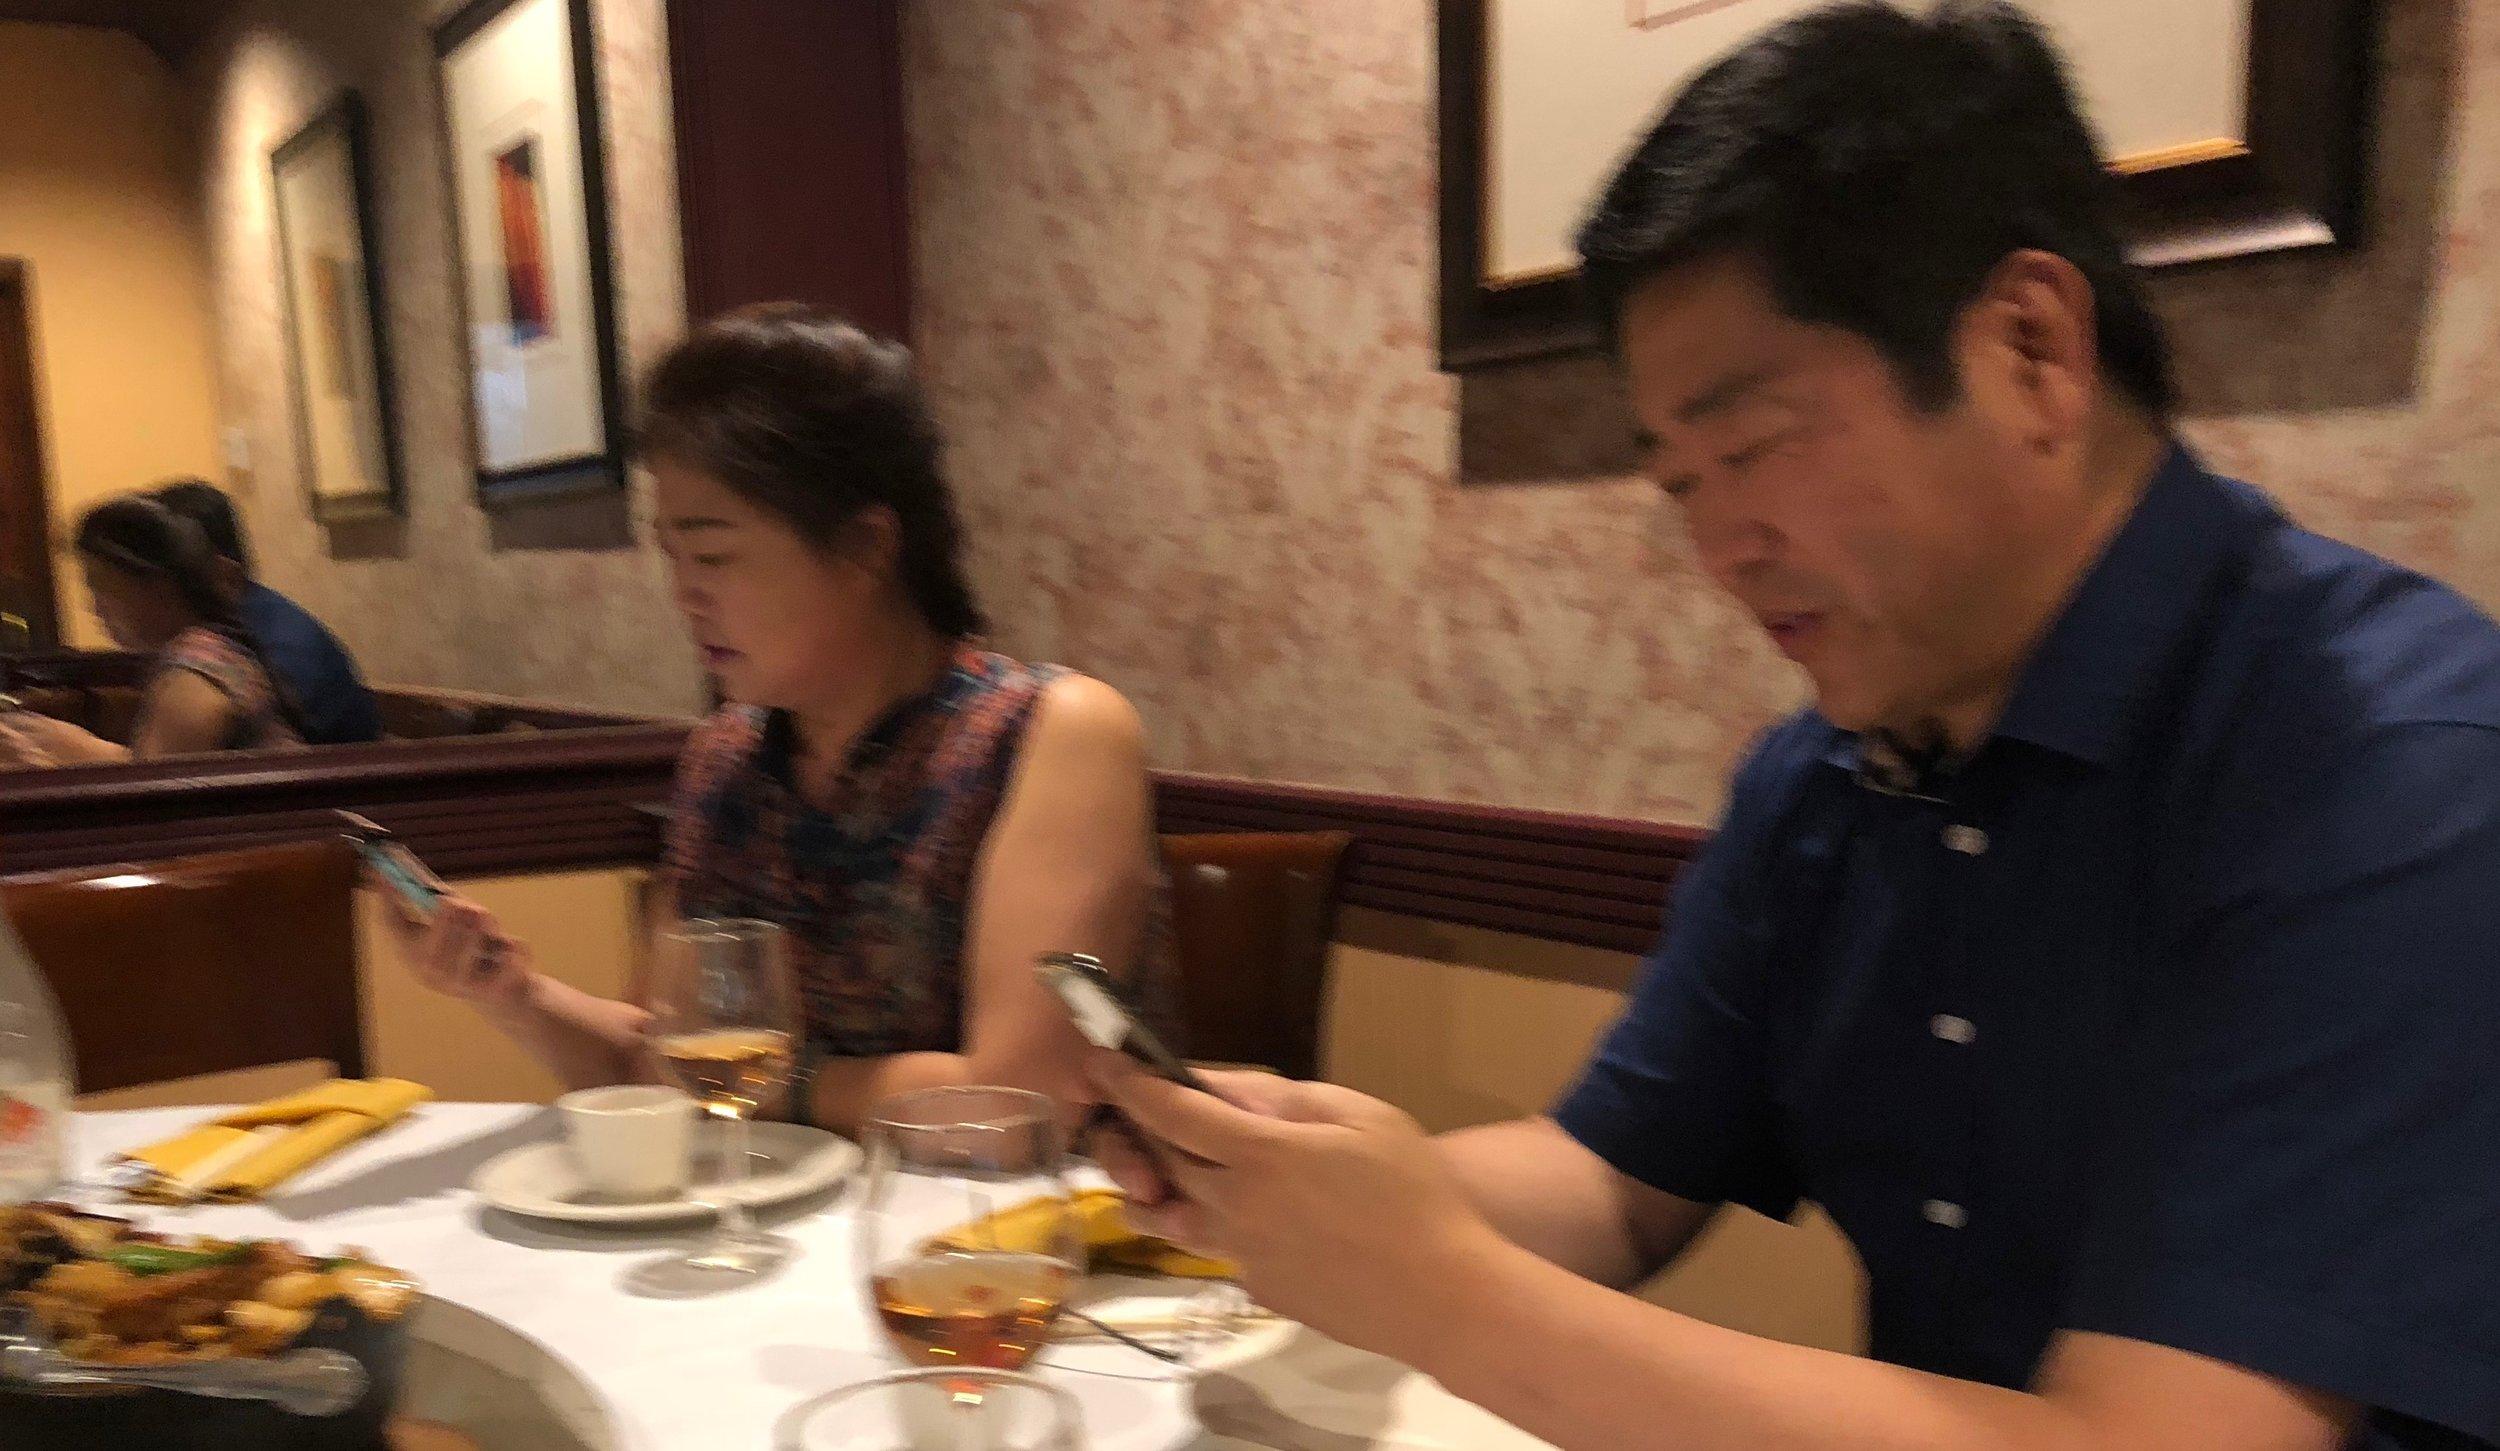 8月16日餐会上大家切磋技术。左起:主播崔萍、主播浩瀚大海